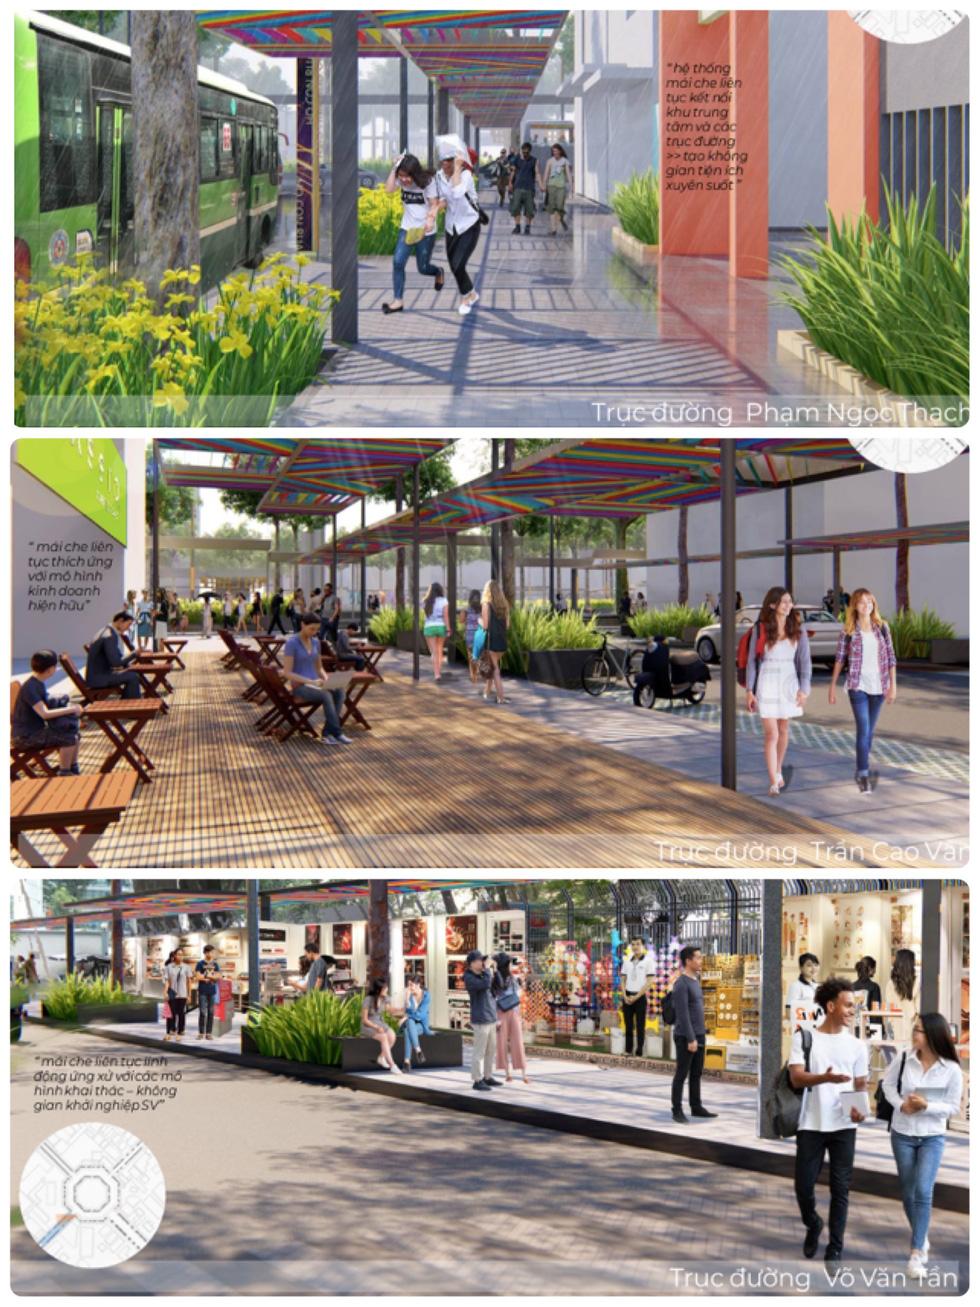 Ngắm khu vực hồ Con Rùa dự kiến cải tạo thành phố đi bộ - Ảnh 9.